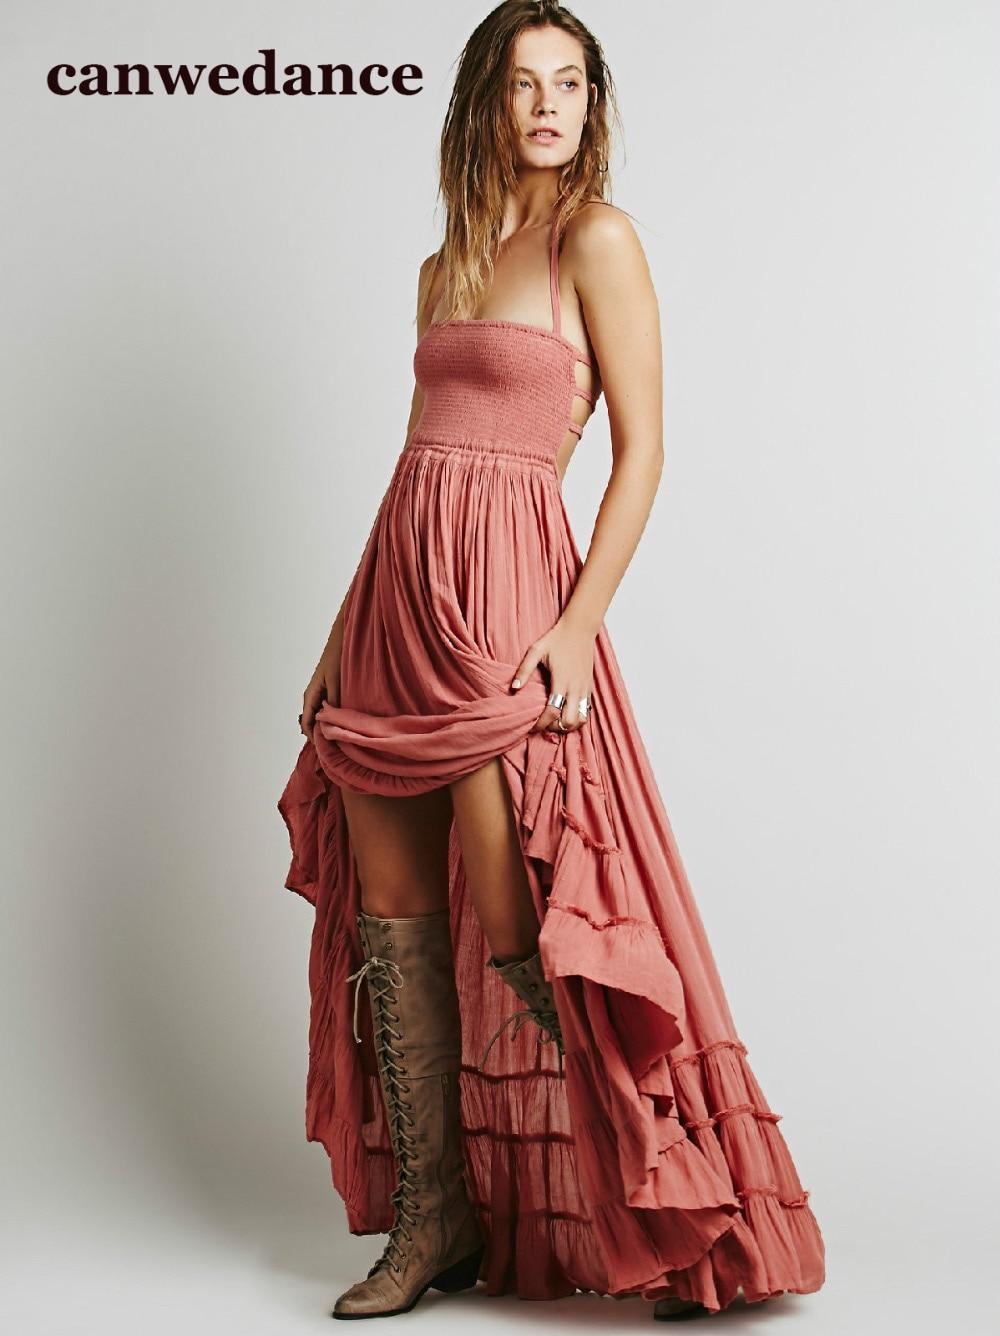 2018 Пляж сукні сексуальні сукні богемні люди Бохо відпустку літо довгі спинки бавовна жінки партія хіпі шик vestidos mujer